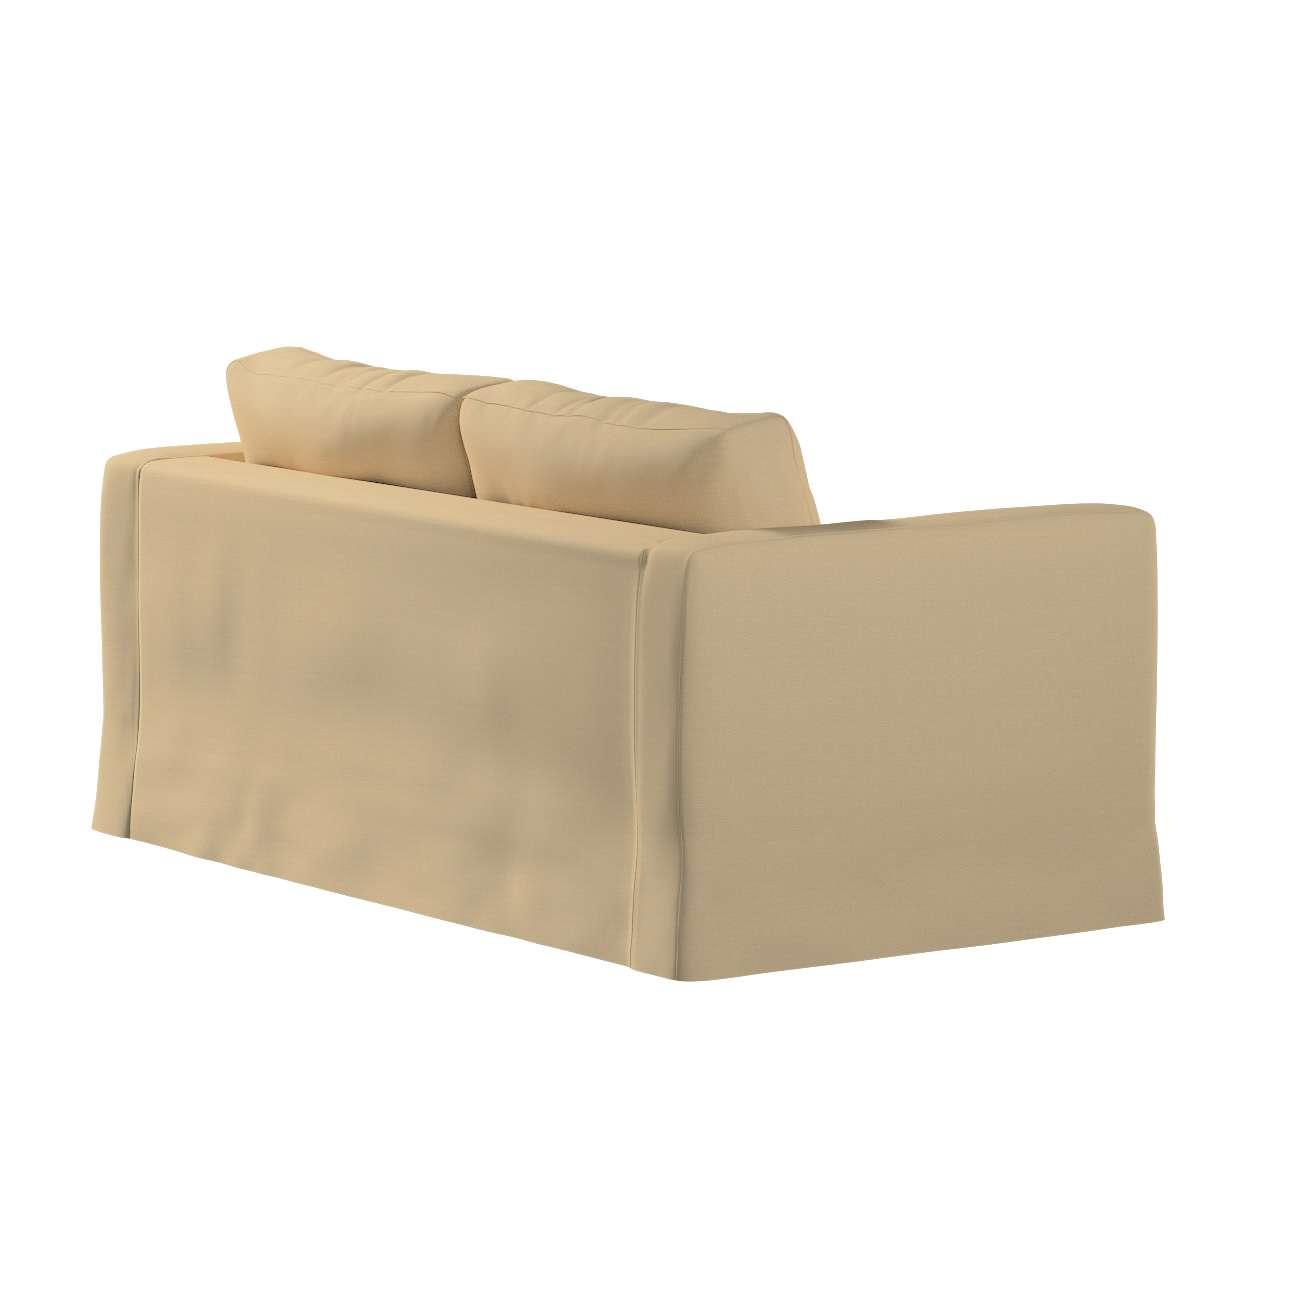 Karlstad 2-Sitzer Sofabezug nicht ausklappbar lang von der Kollektion Cotton Panama, Stoff: 702-01